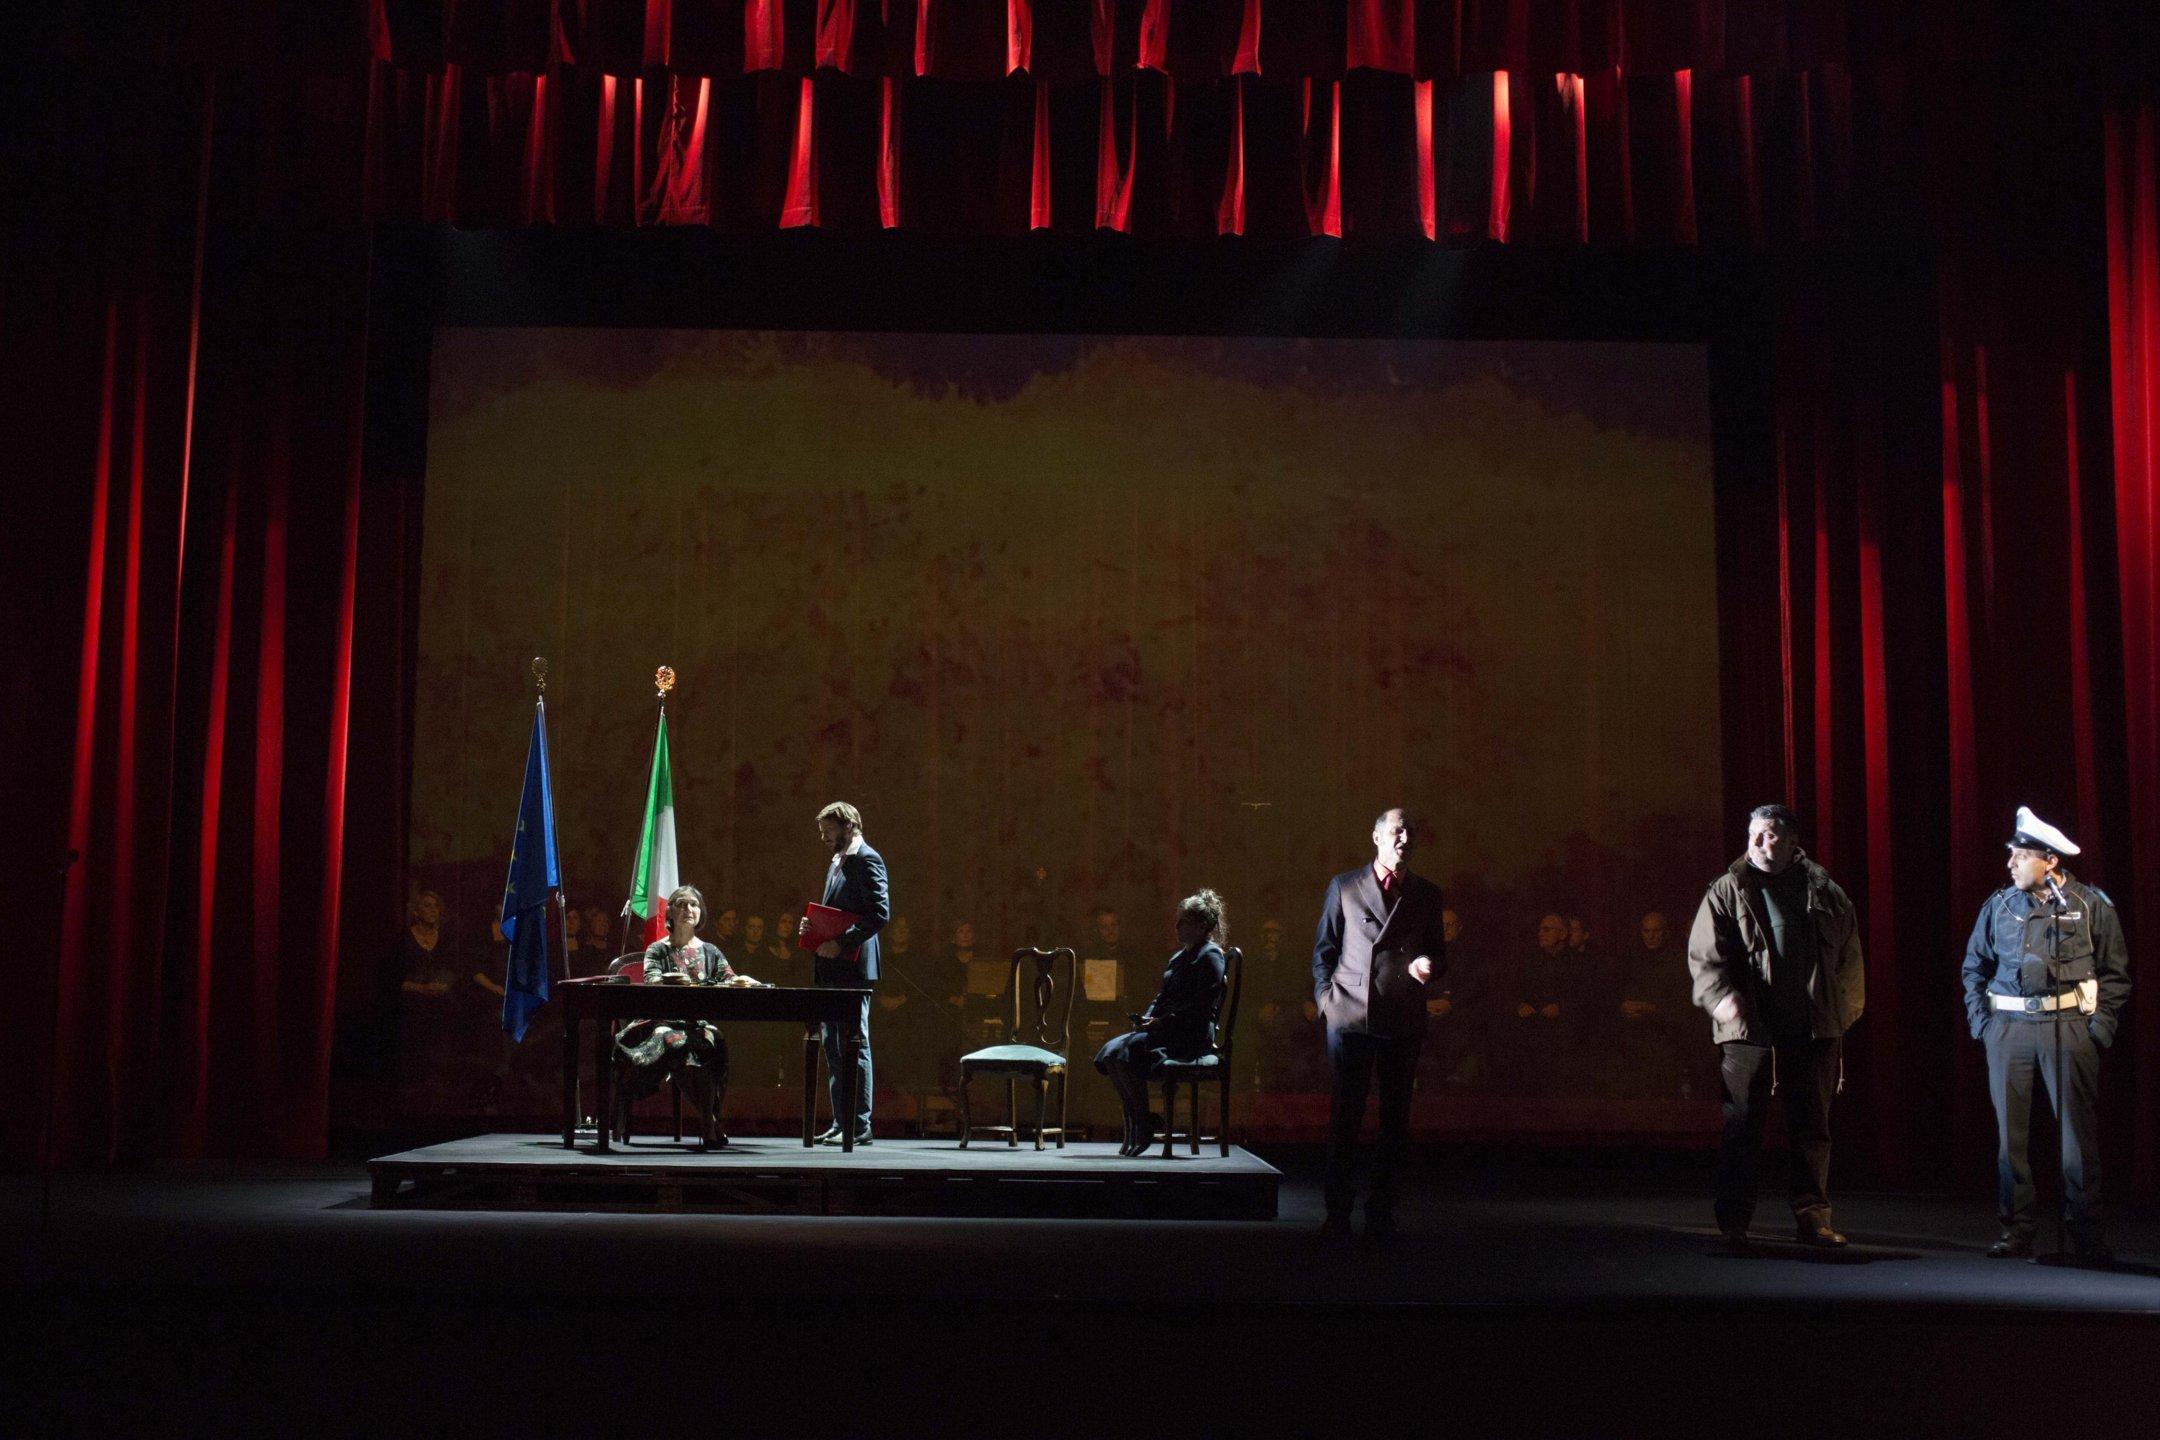 Martinelli/Montanari Va pensiero. Foto di scena ©Silvia Lelli